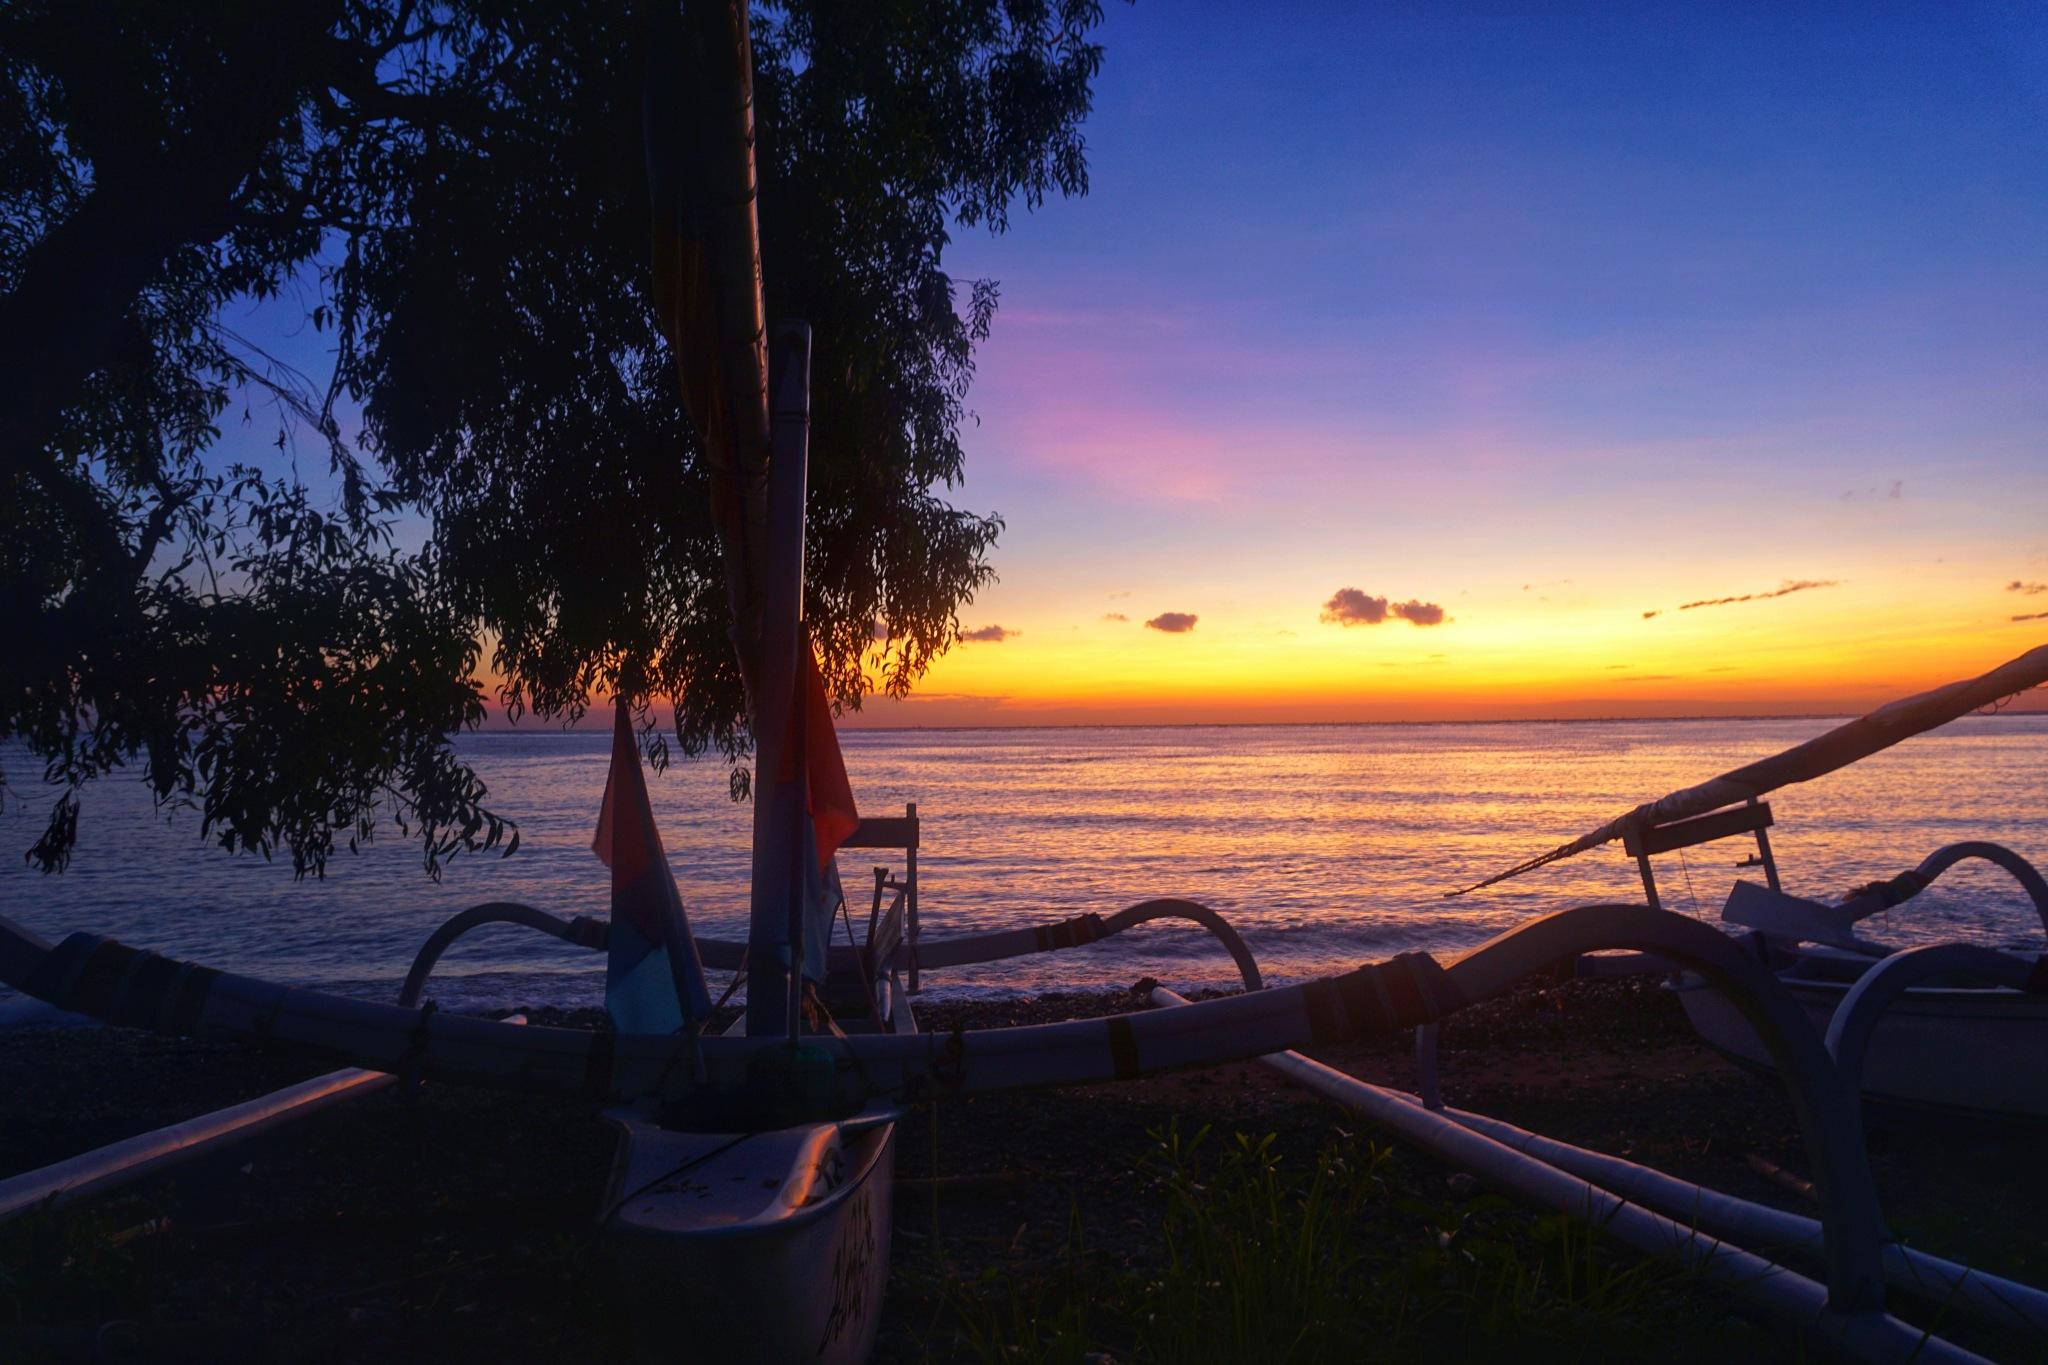 amazing view  by Sugiantara Putra